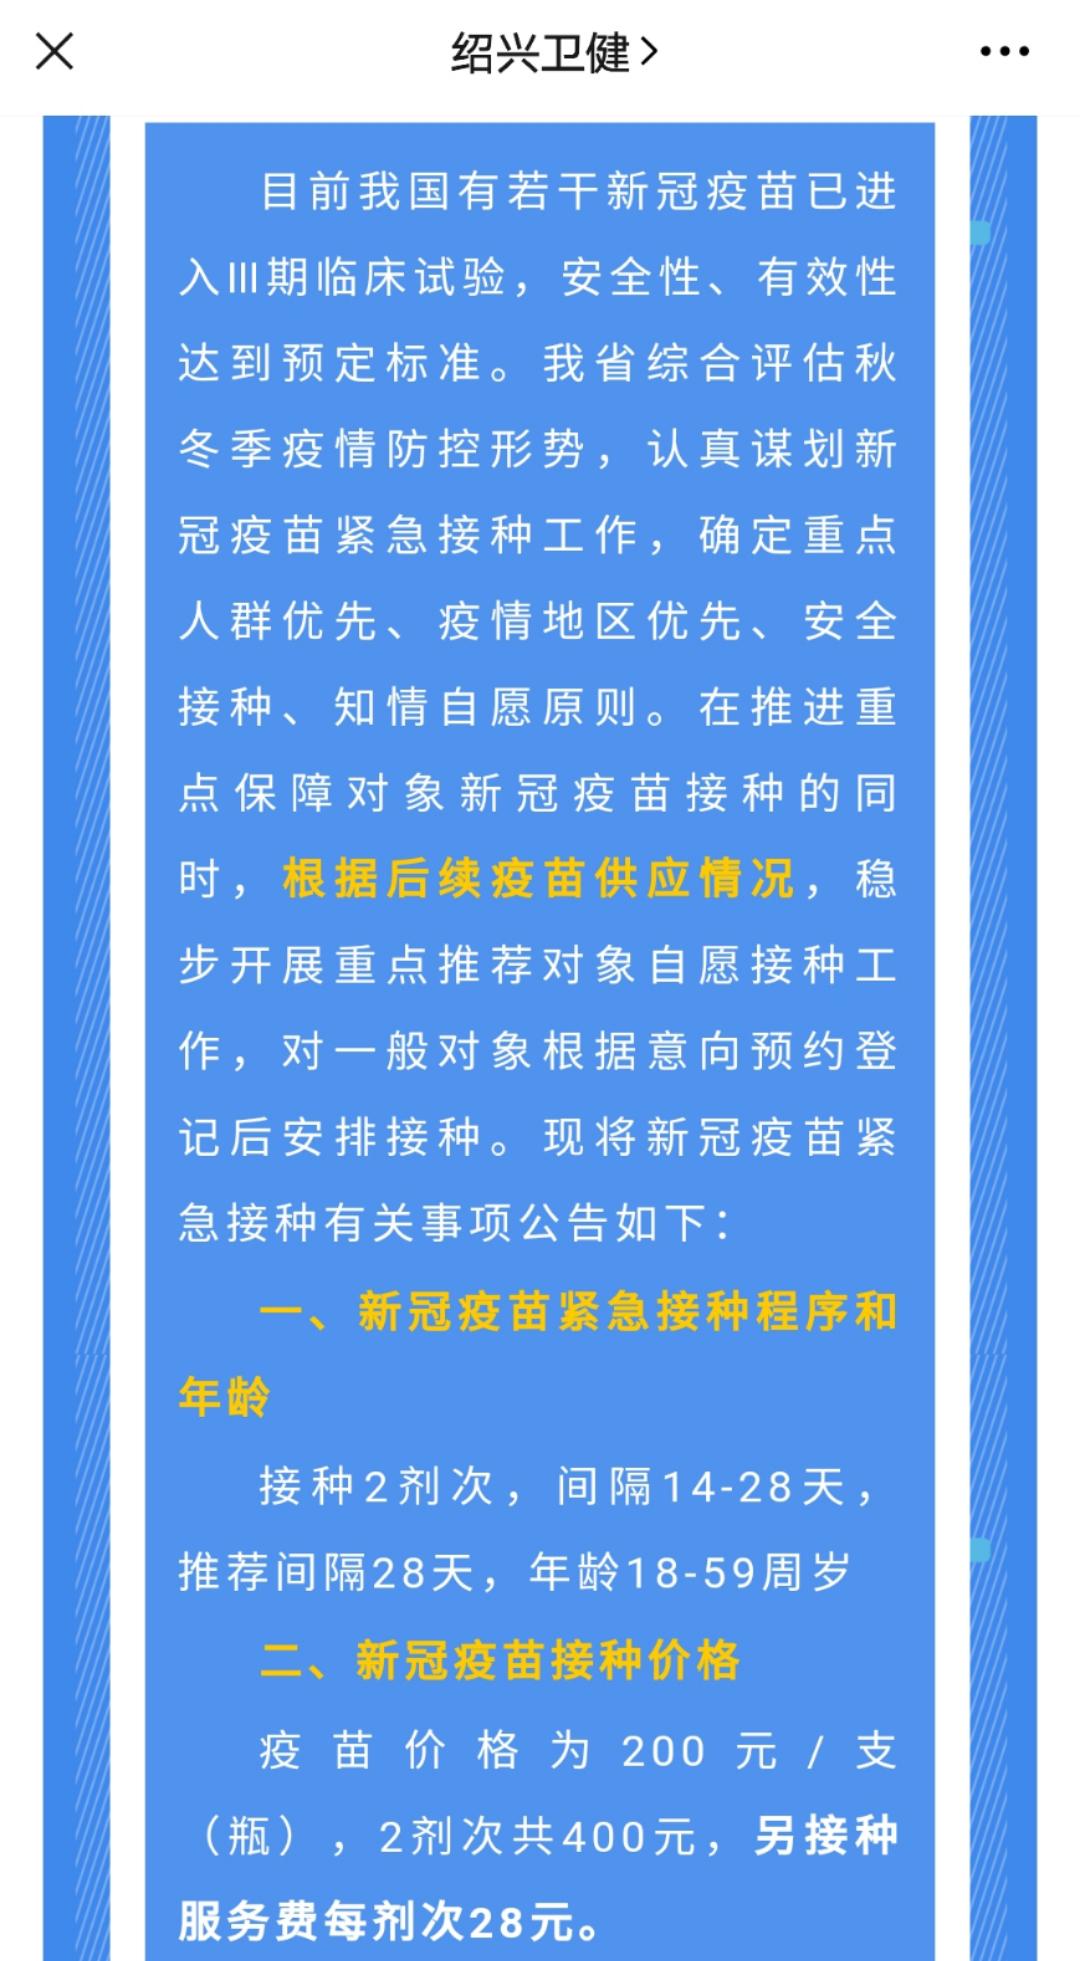 来源:绍兴卫健公号截图